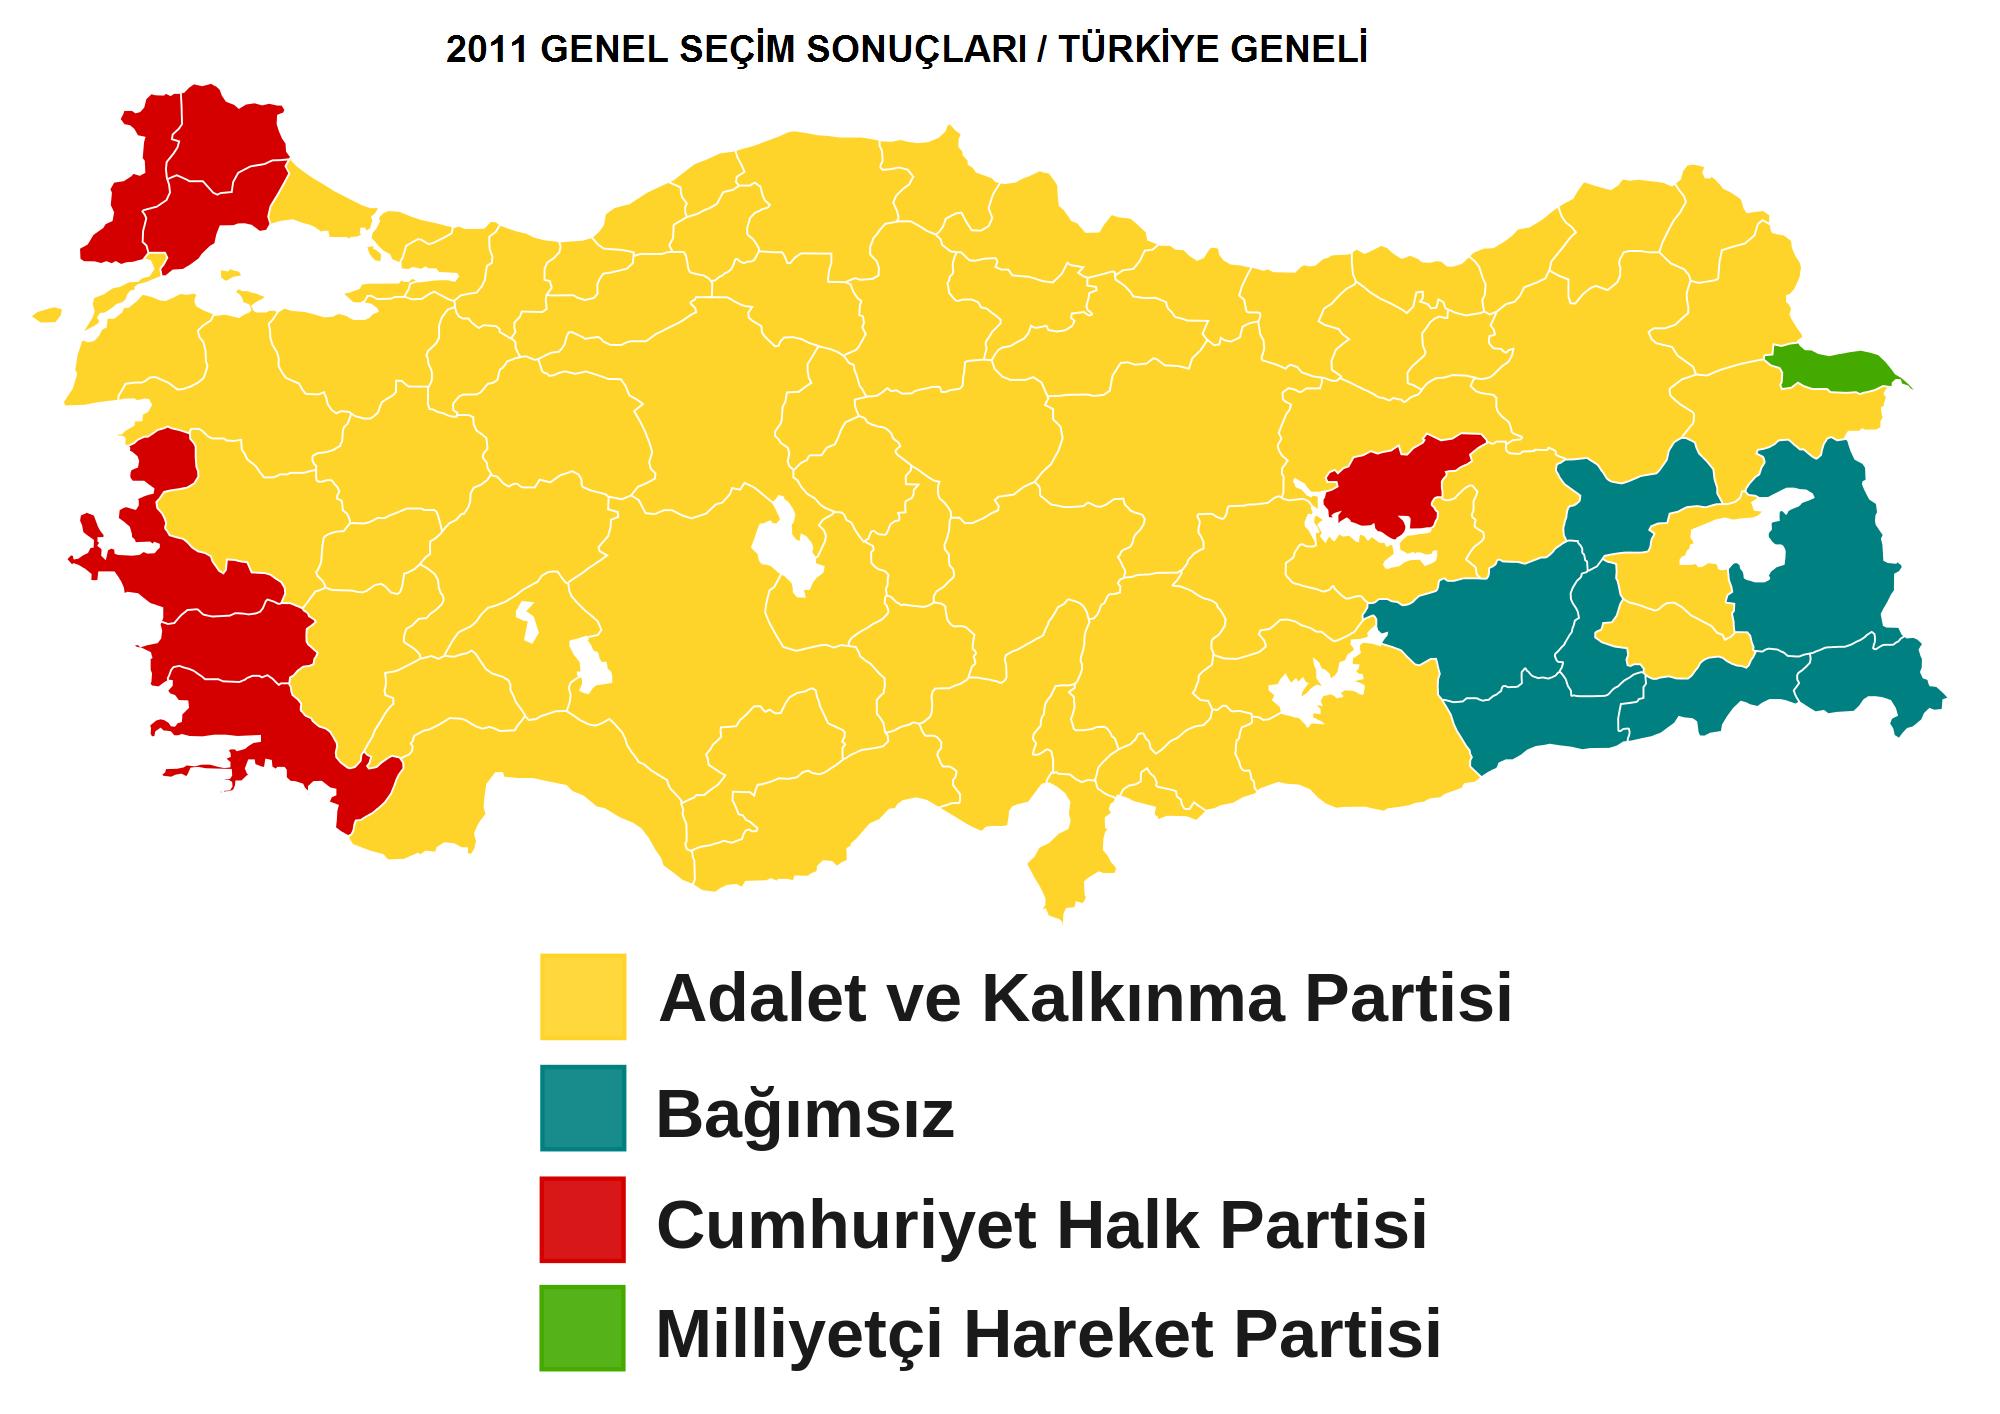 2011 Genel Seçim Sonuçları